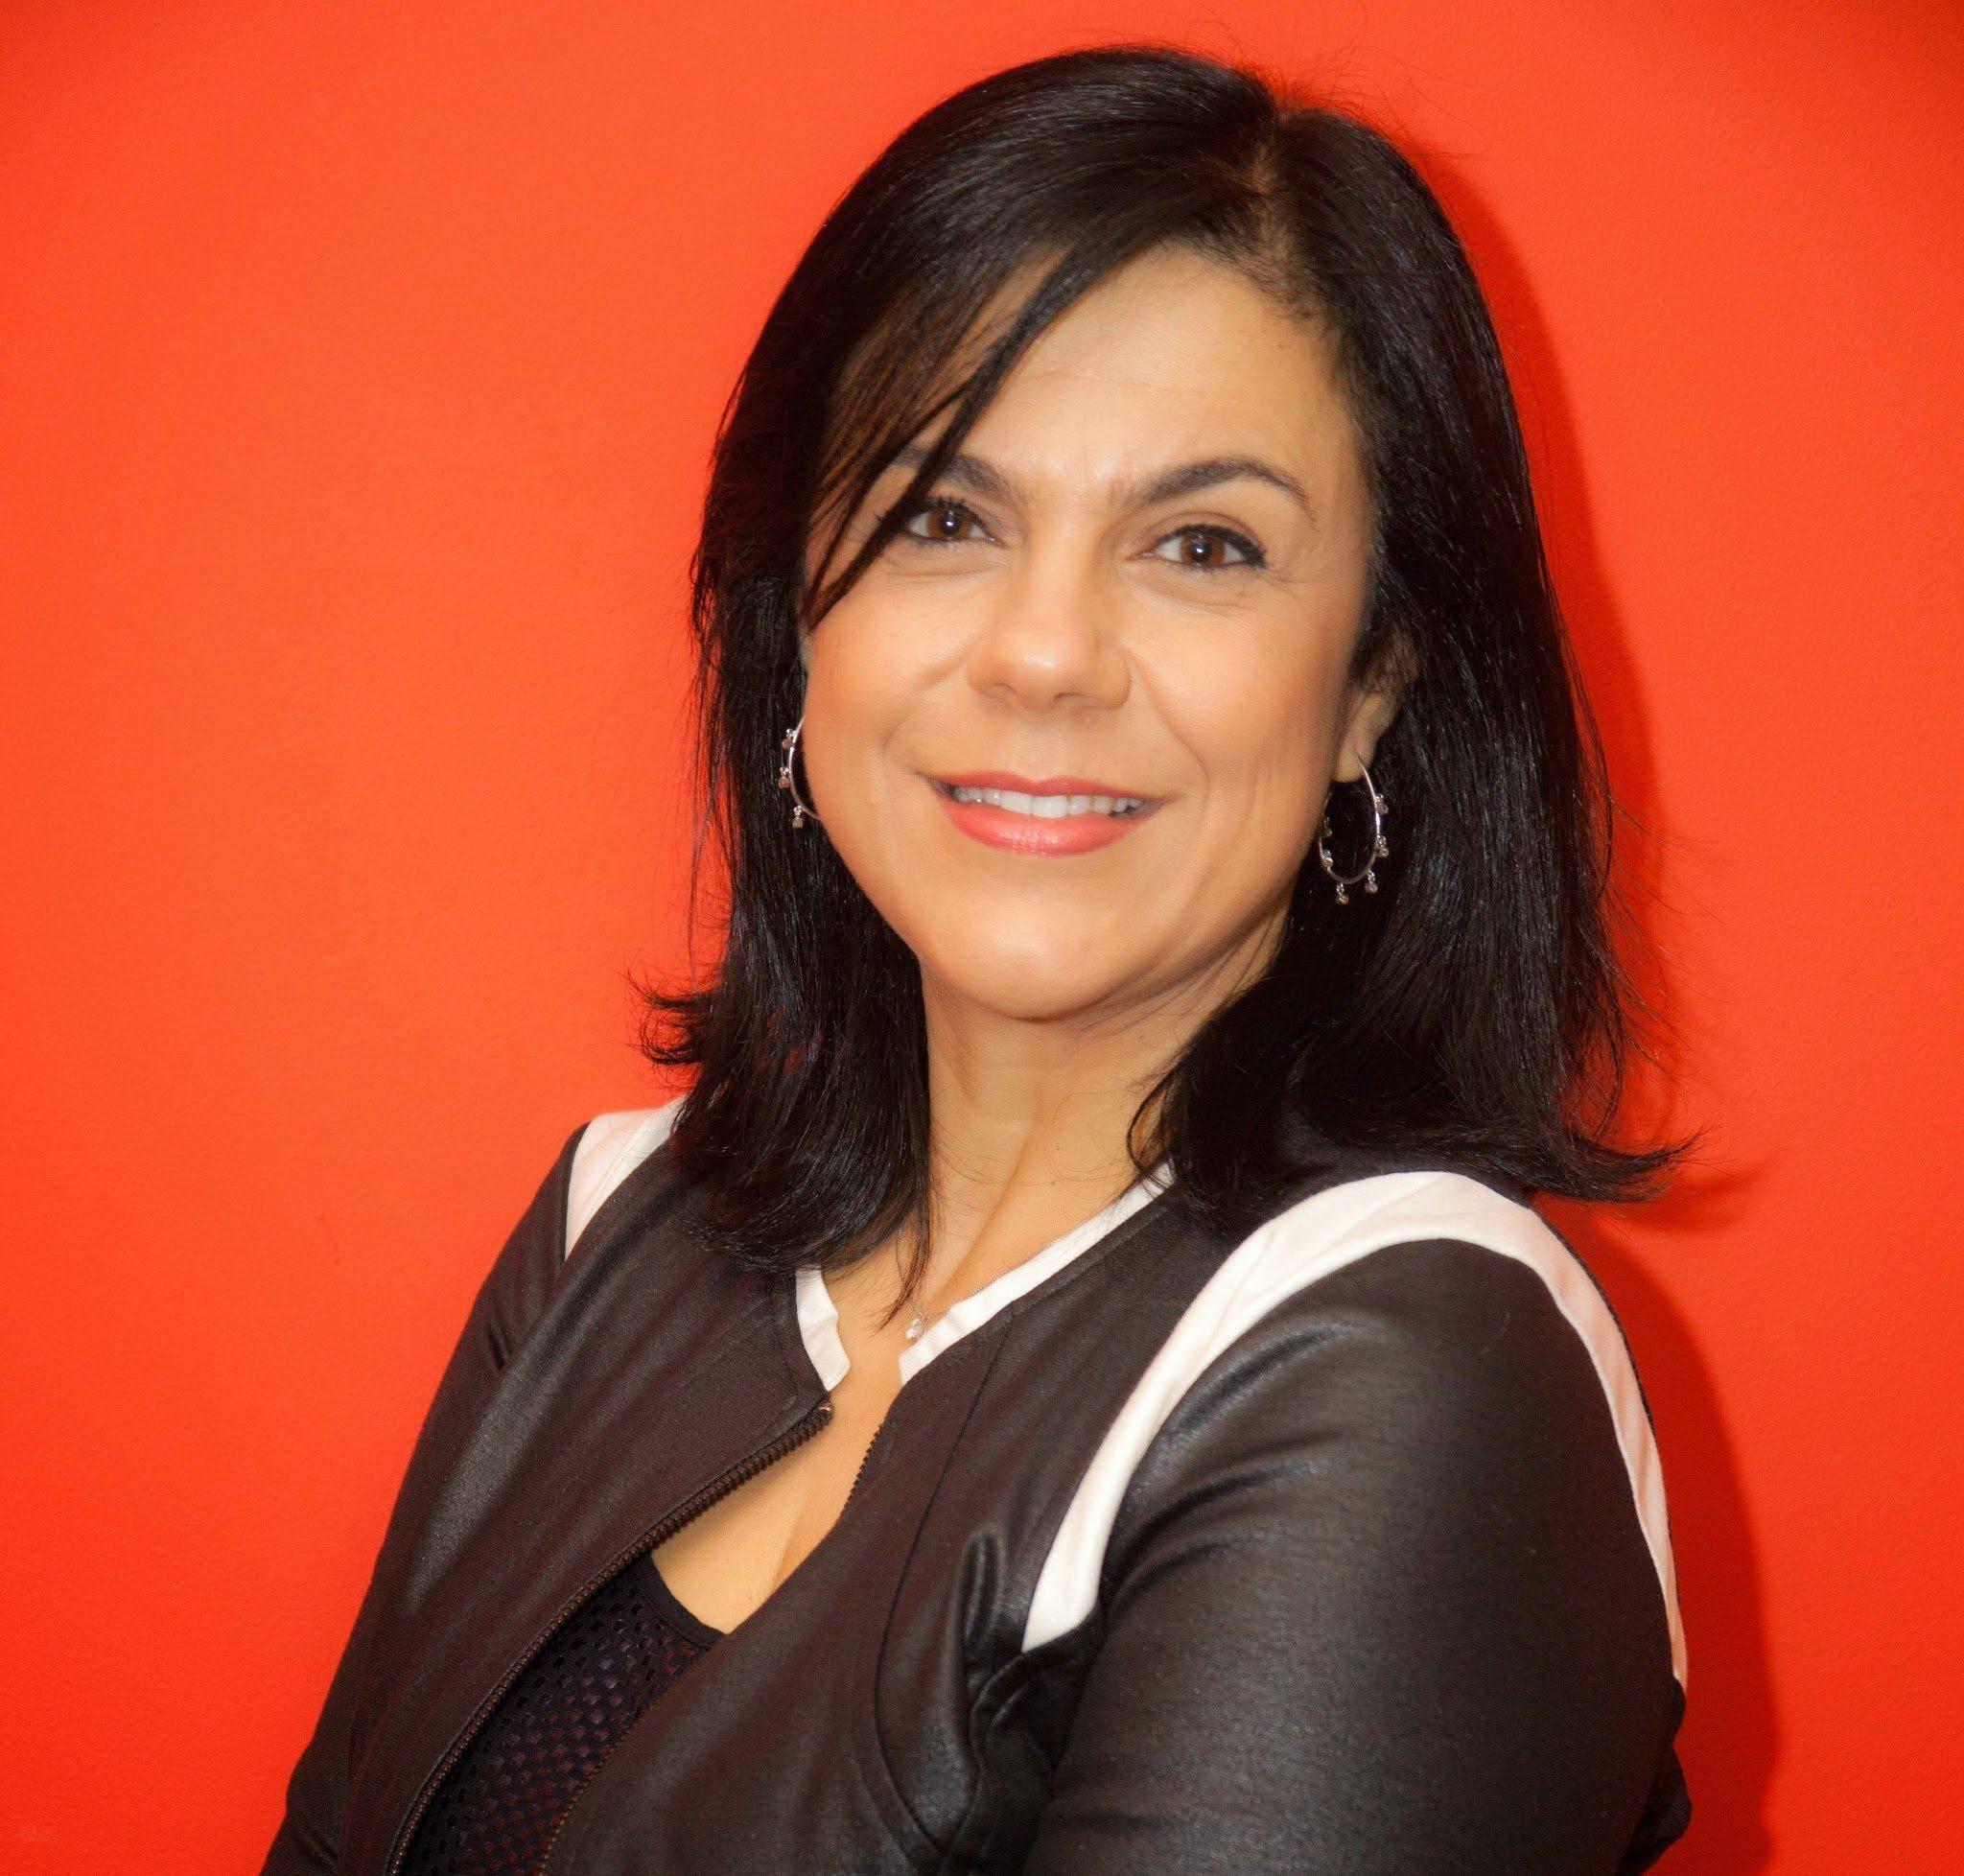 Sandra Jimenez, diretora de parcerias musicais do YouTube para América Latina